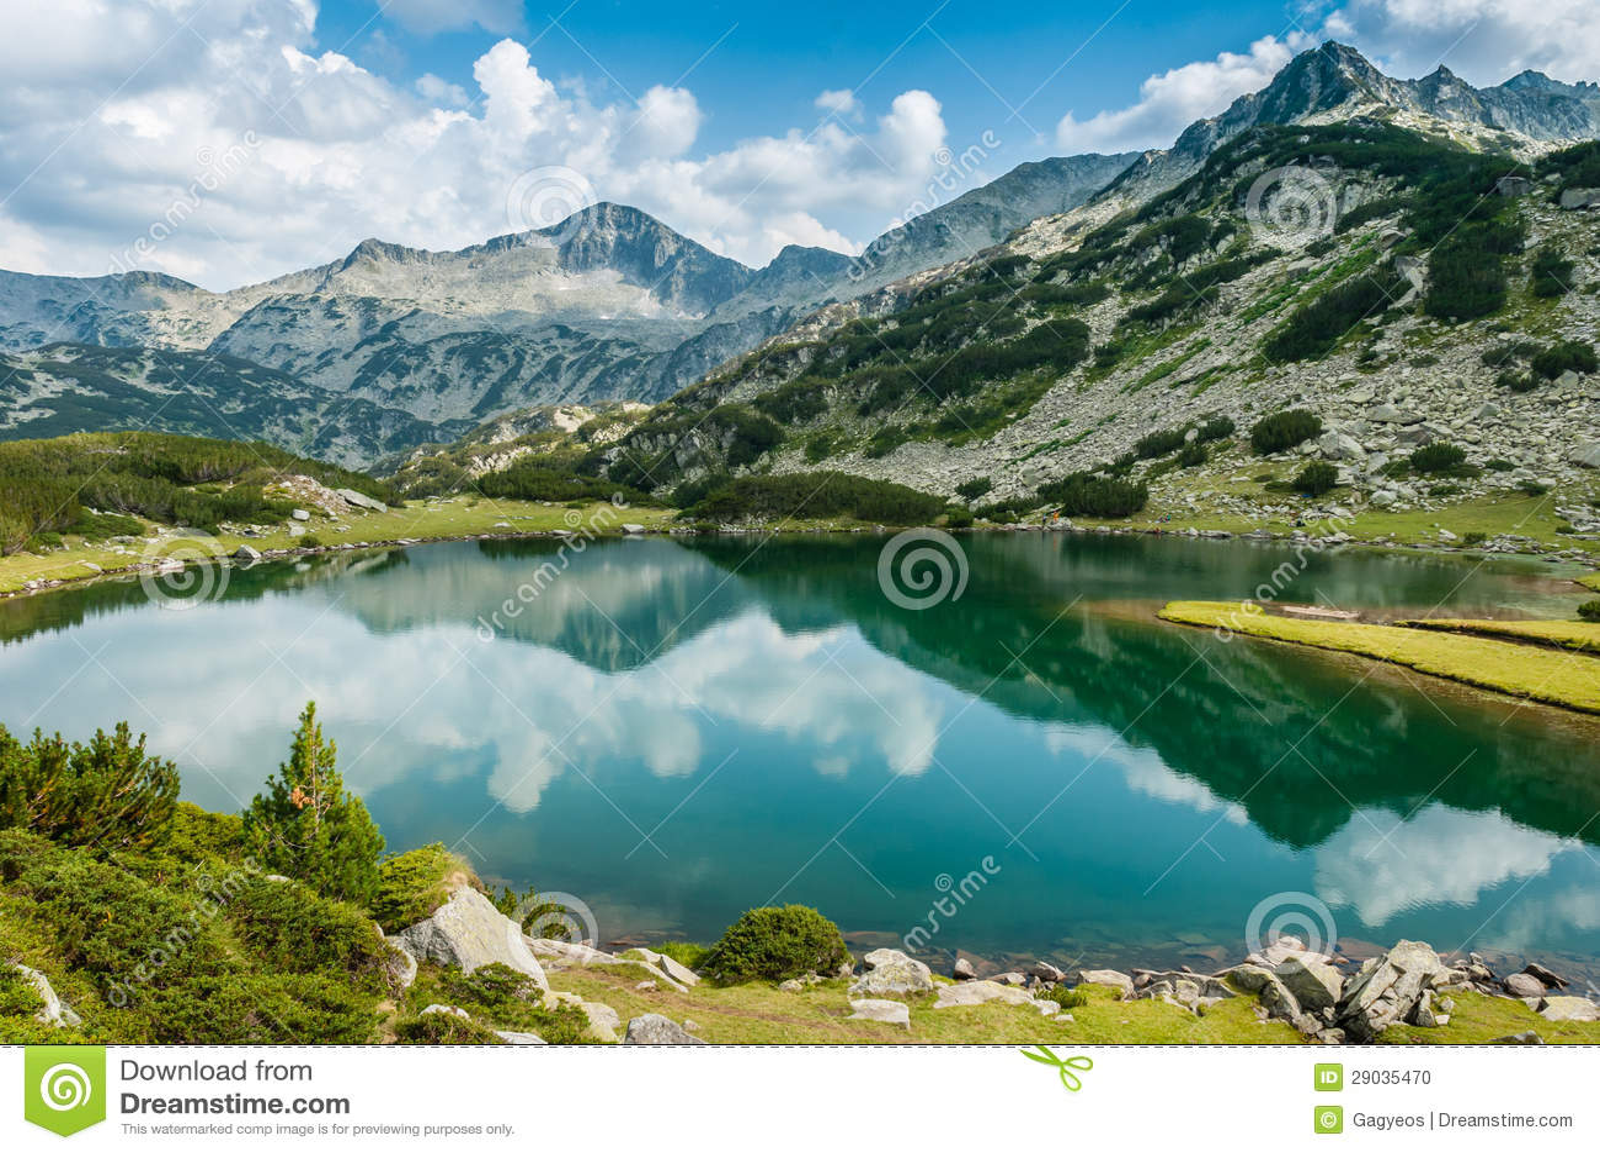 Beautiful lake and mountain view in Bulgaria